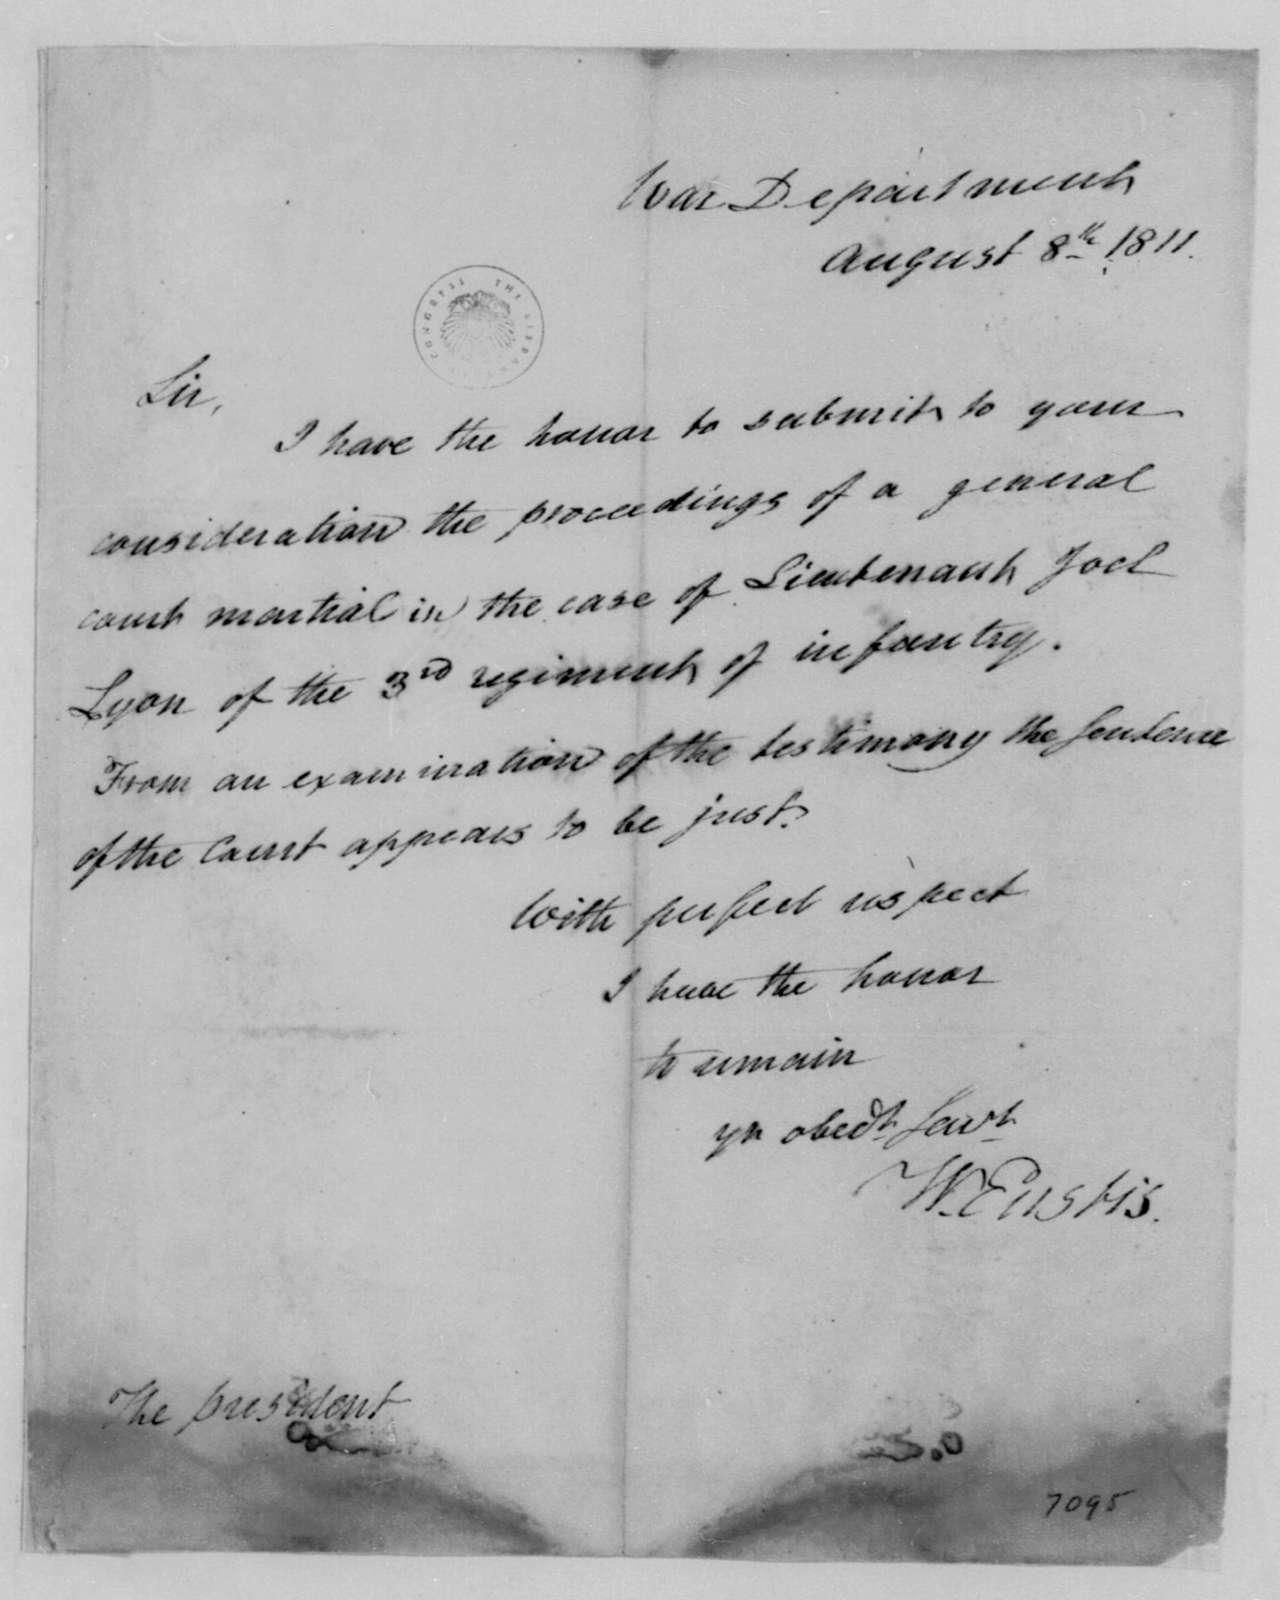 William Eustis to James Madison, August 8, 1811.